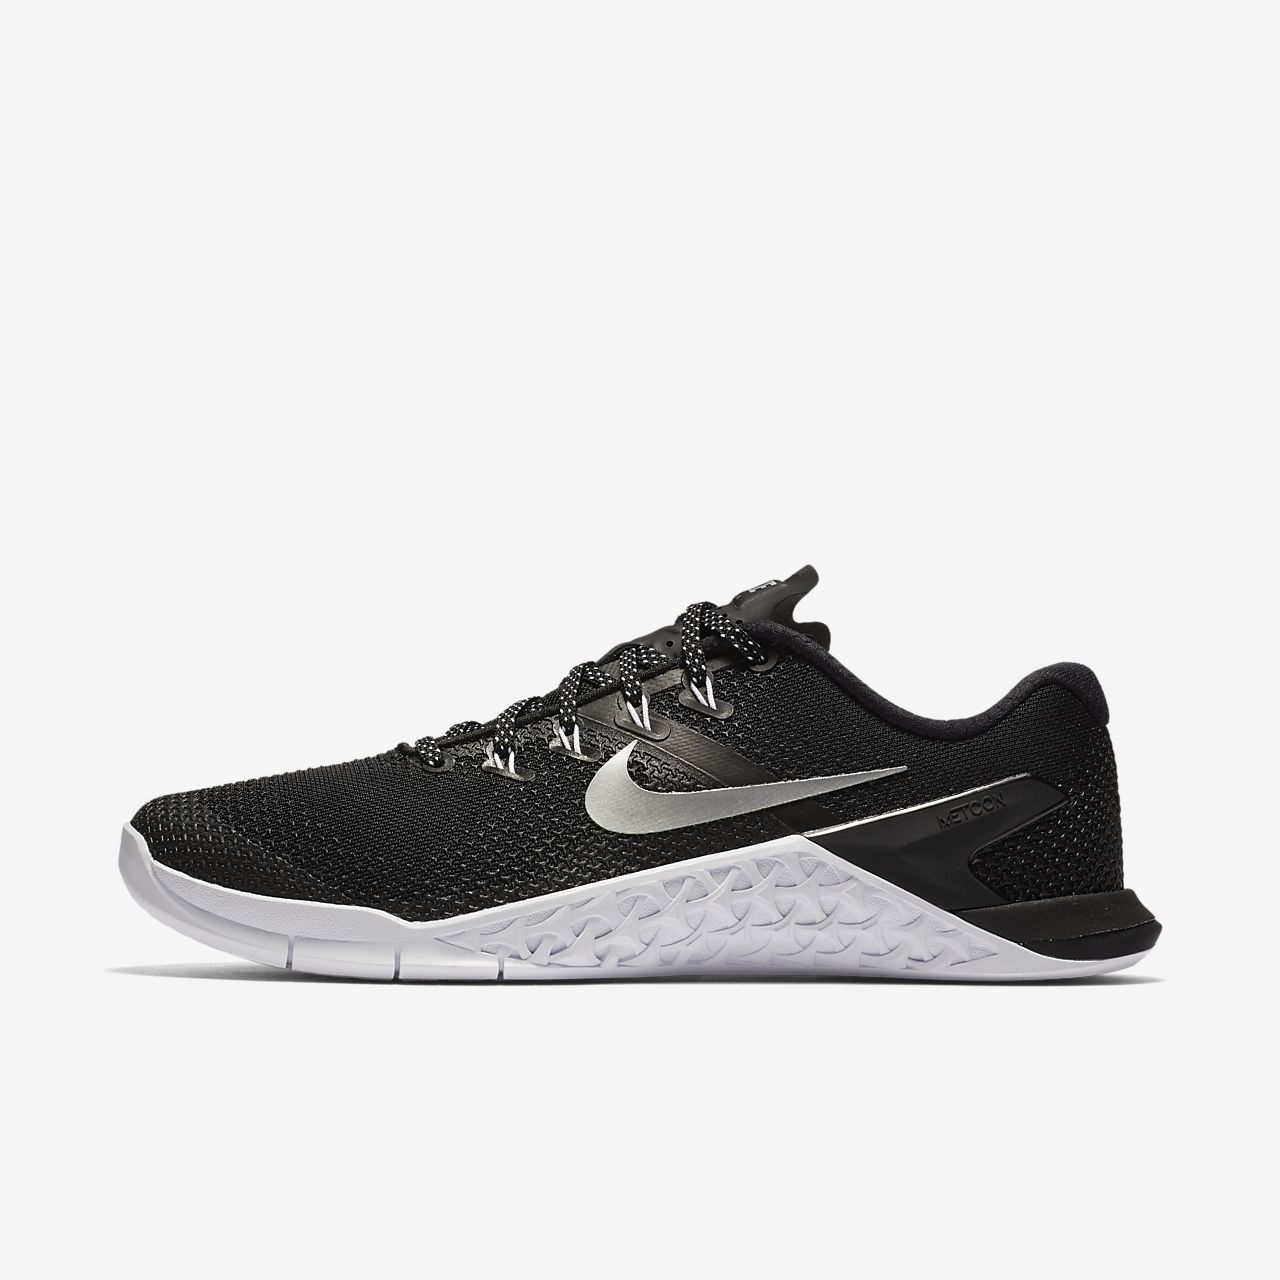 835ec0b496b ... Calzado de cross training y levantamiento de pesas para mujer Nike  Metcon 4